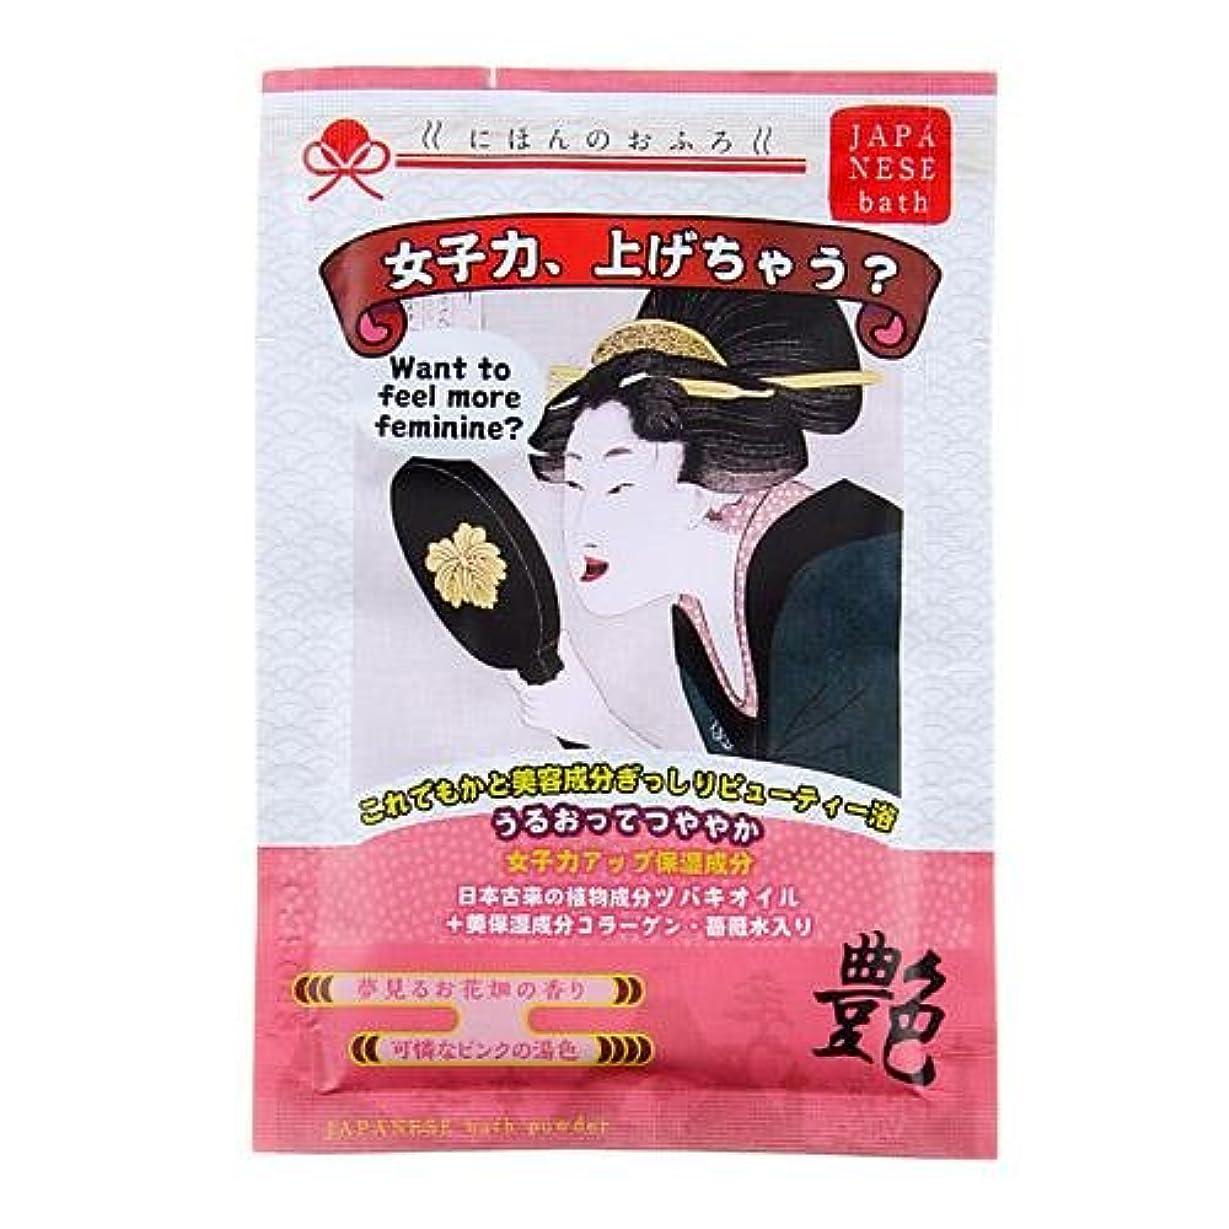 クック空洞ラウズ日本のお風呂 「女子力、上げちゃう?」 10個セット